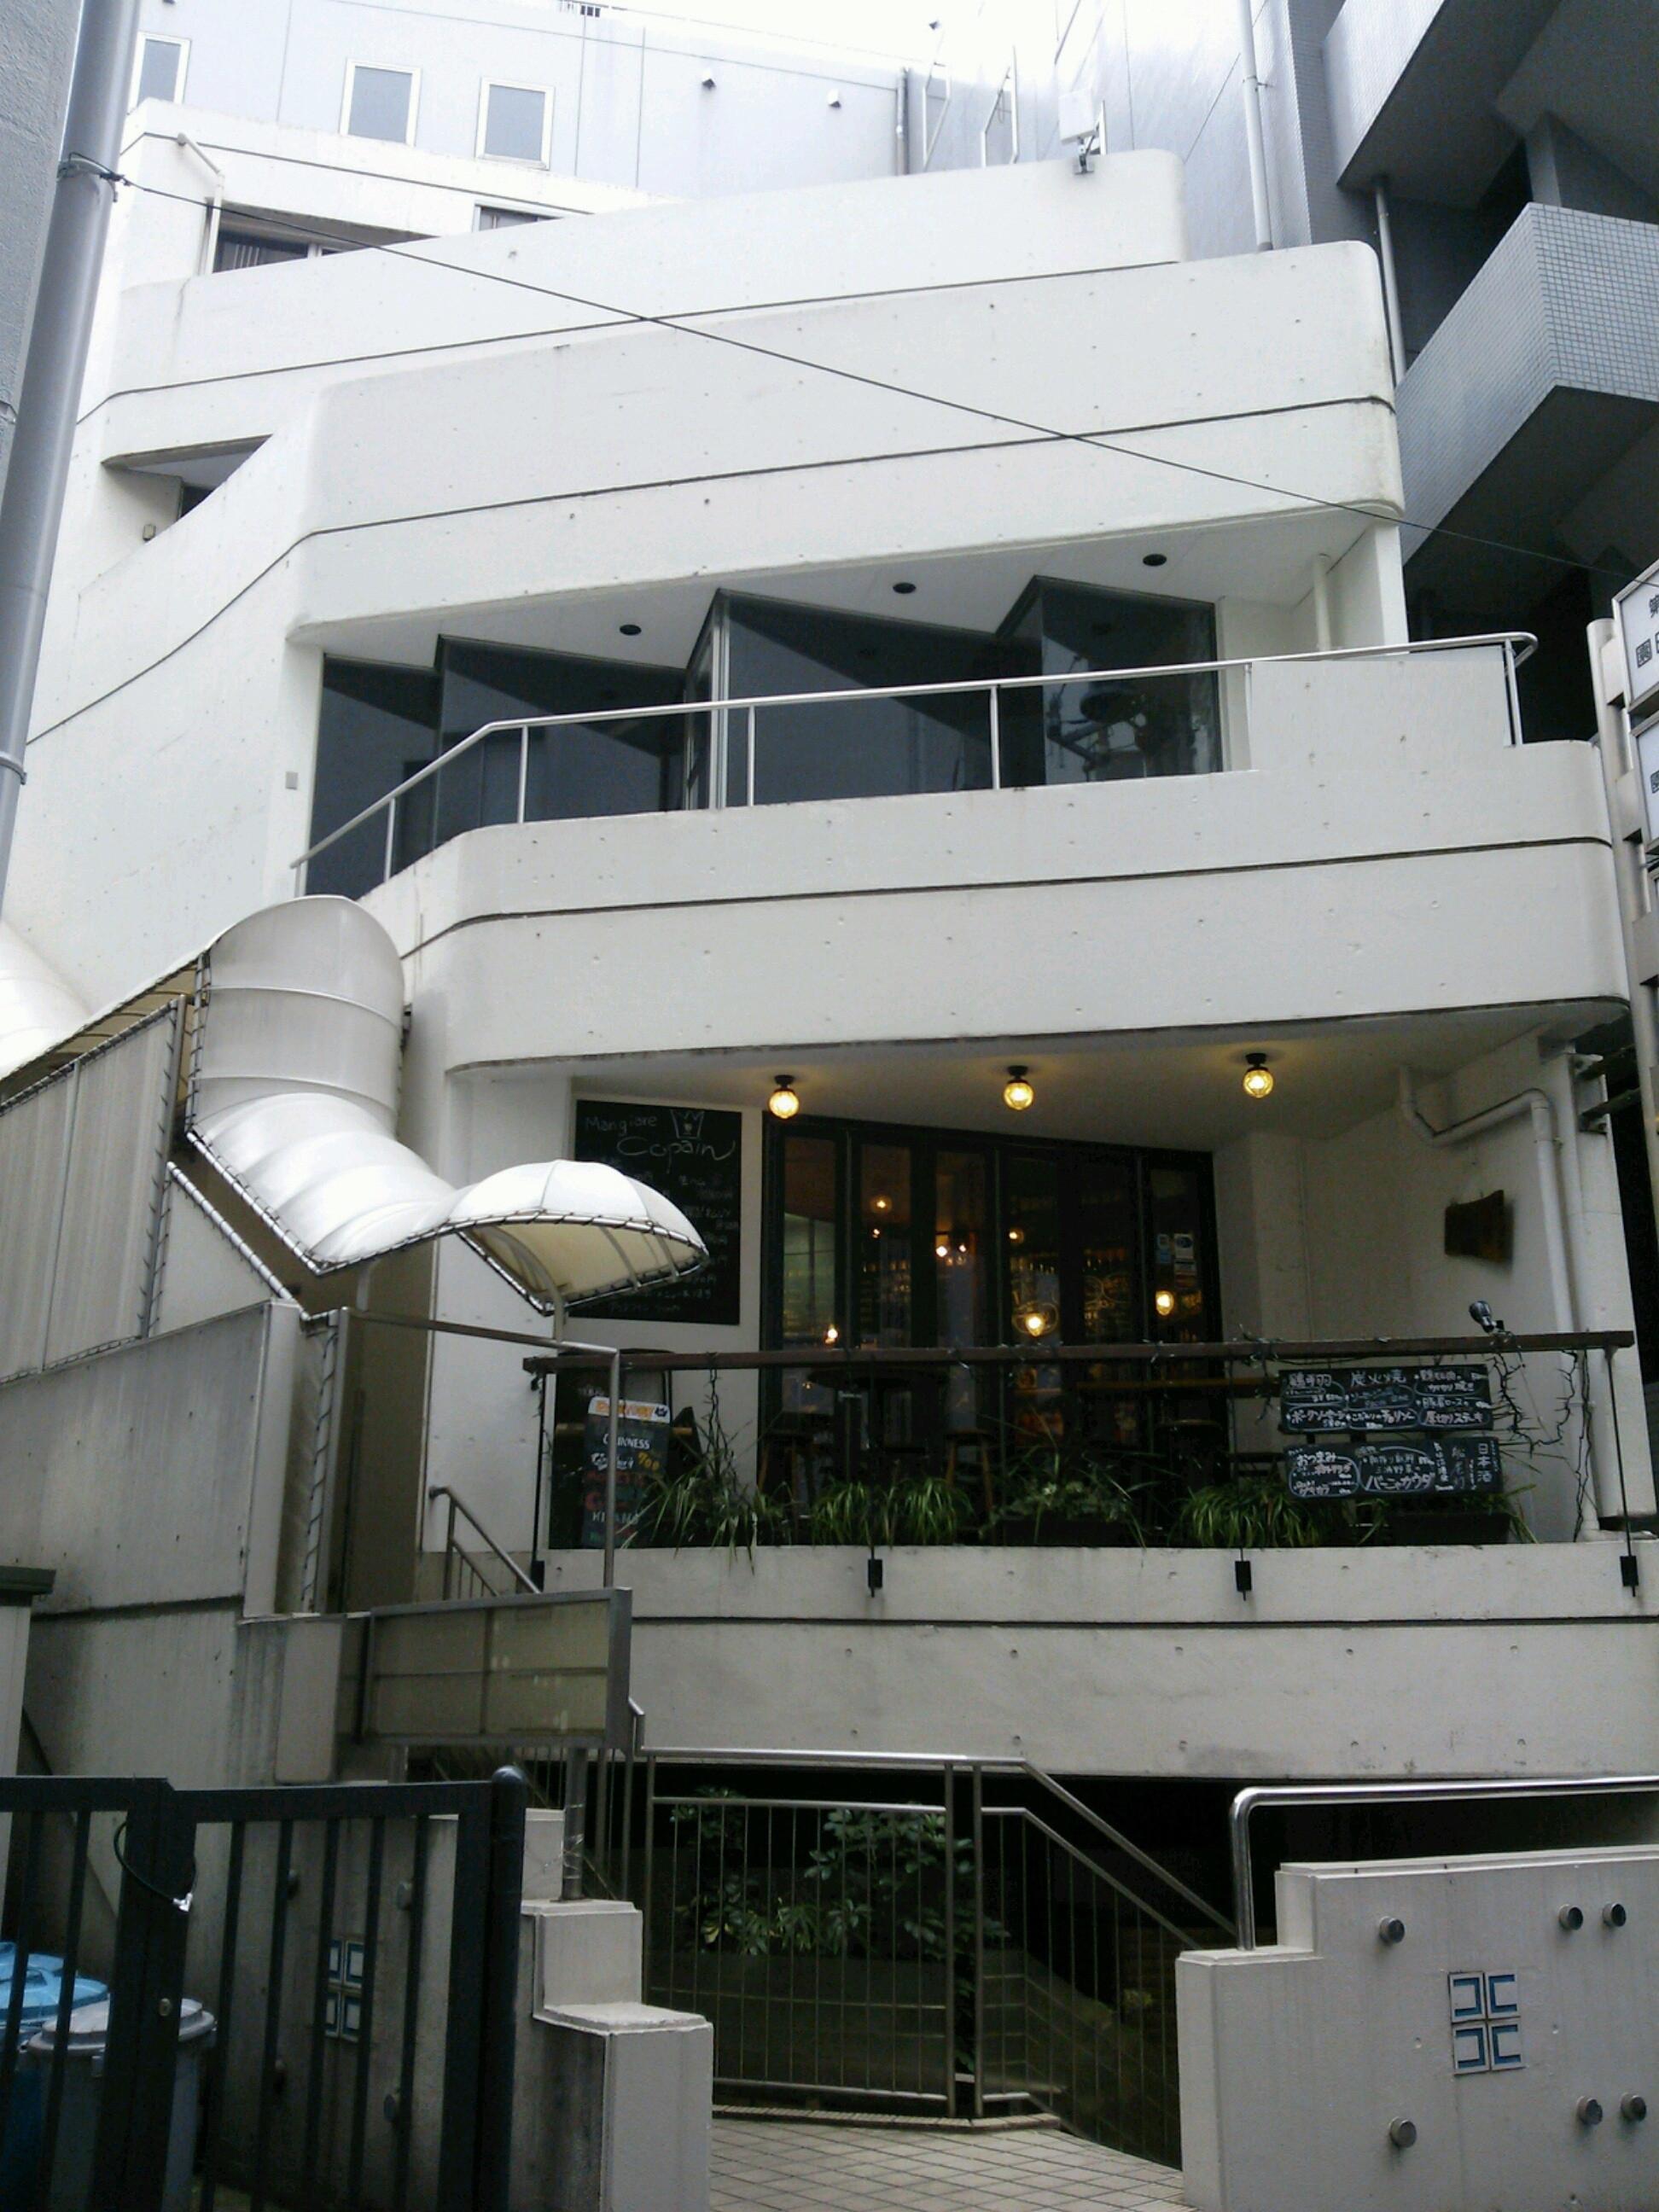 第1園田ビル、東京都新宿区下宮比町2-31、飯田橋駅 徒歩3分